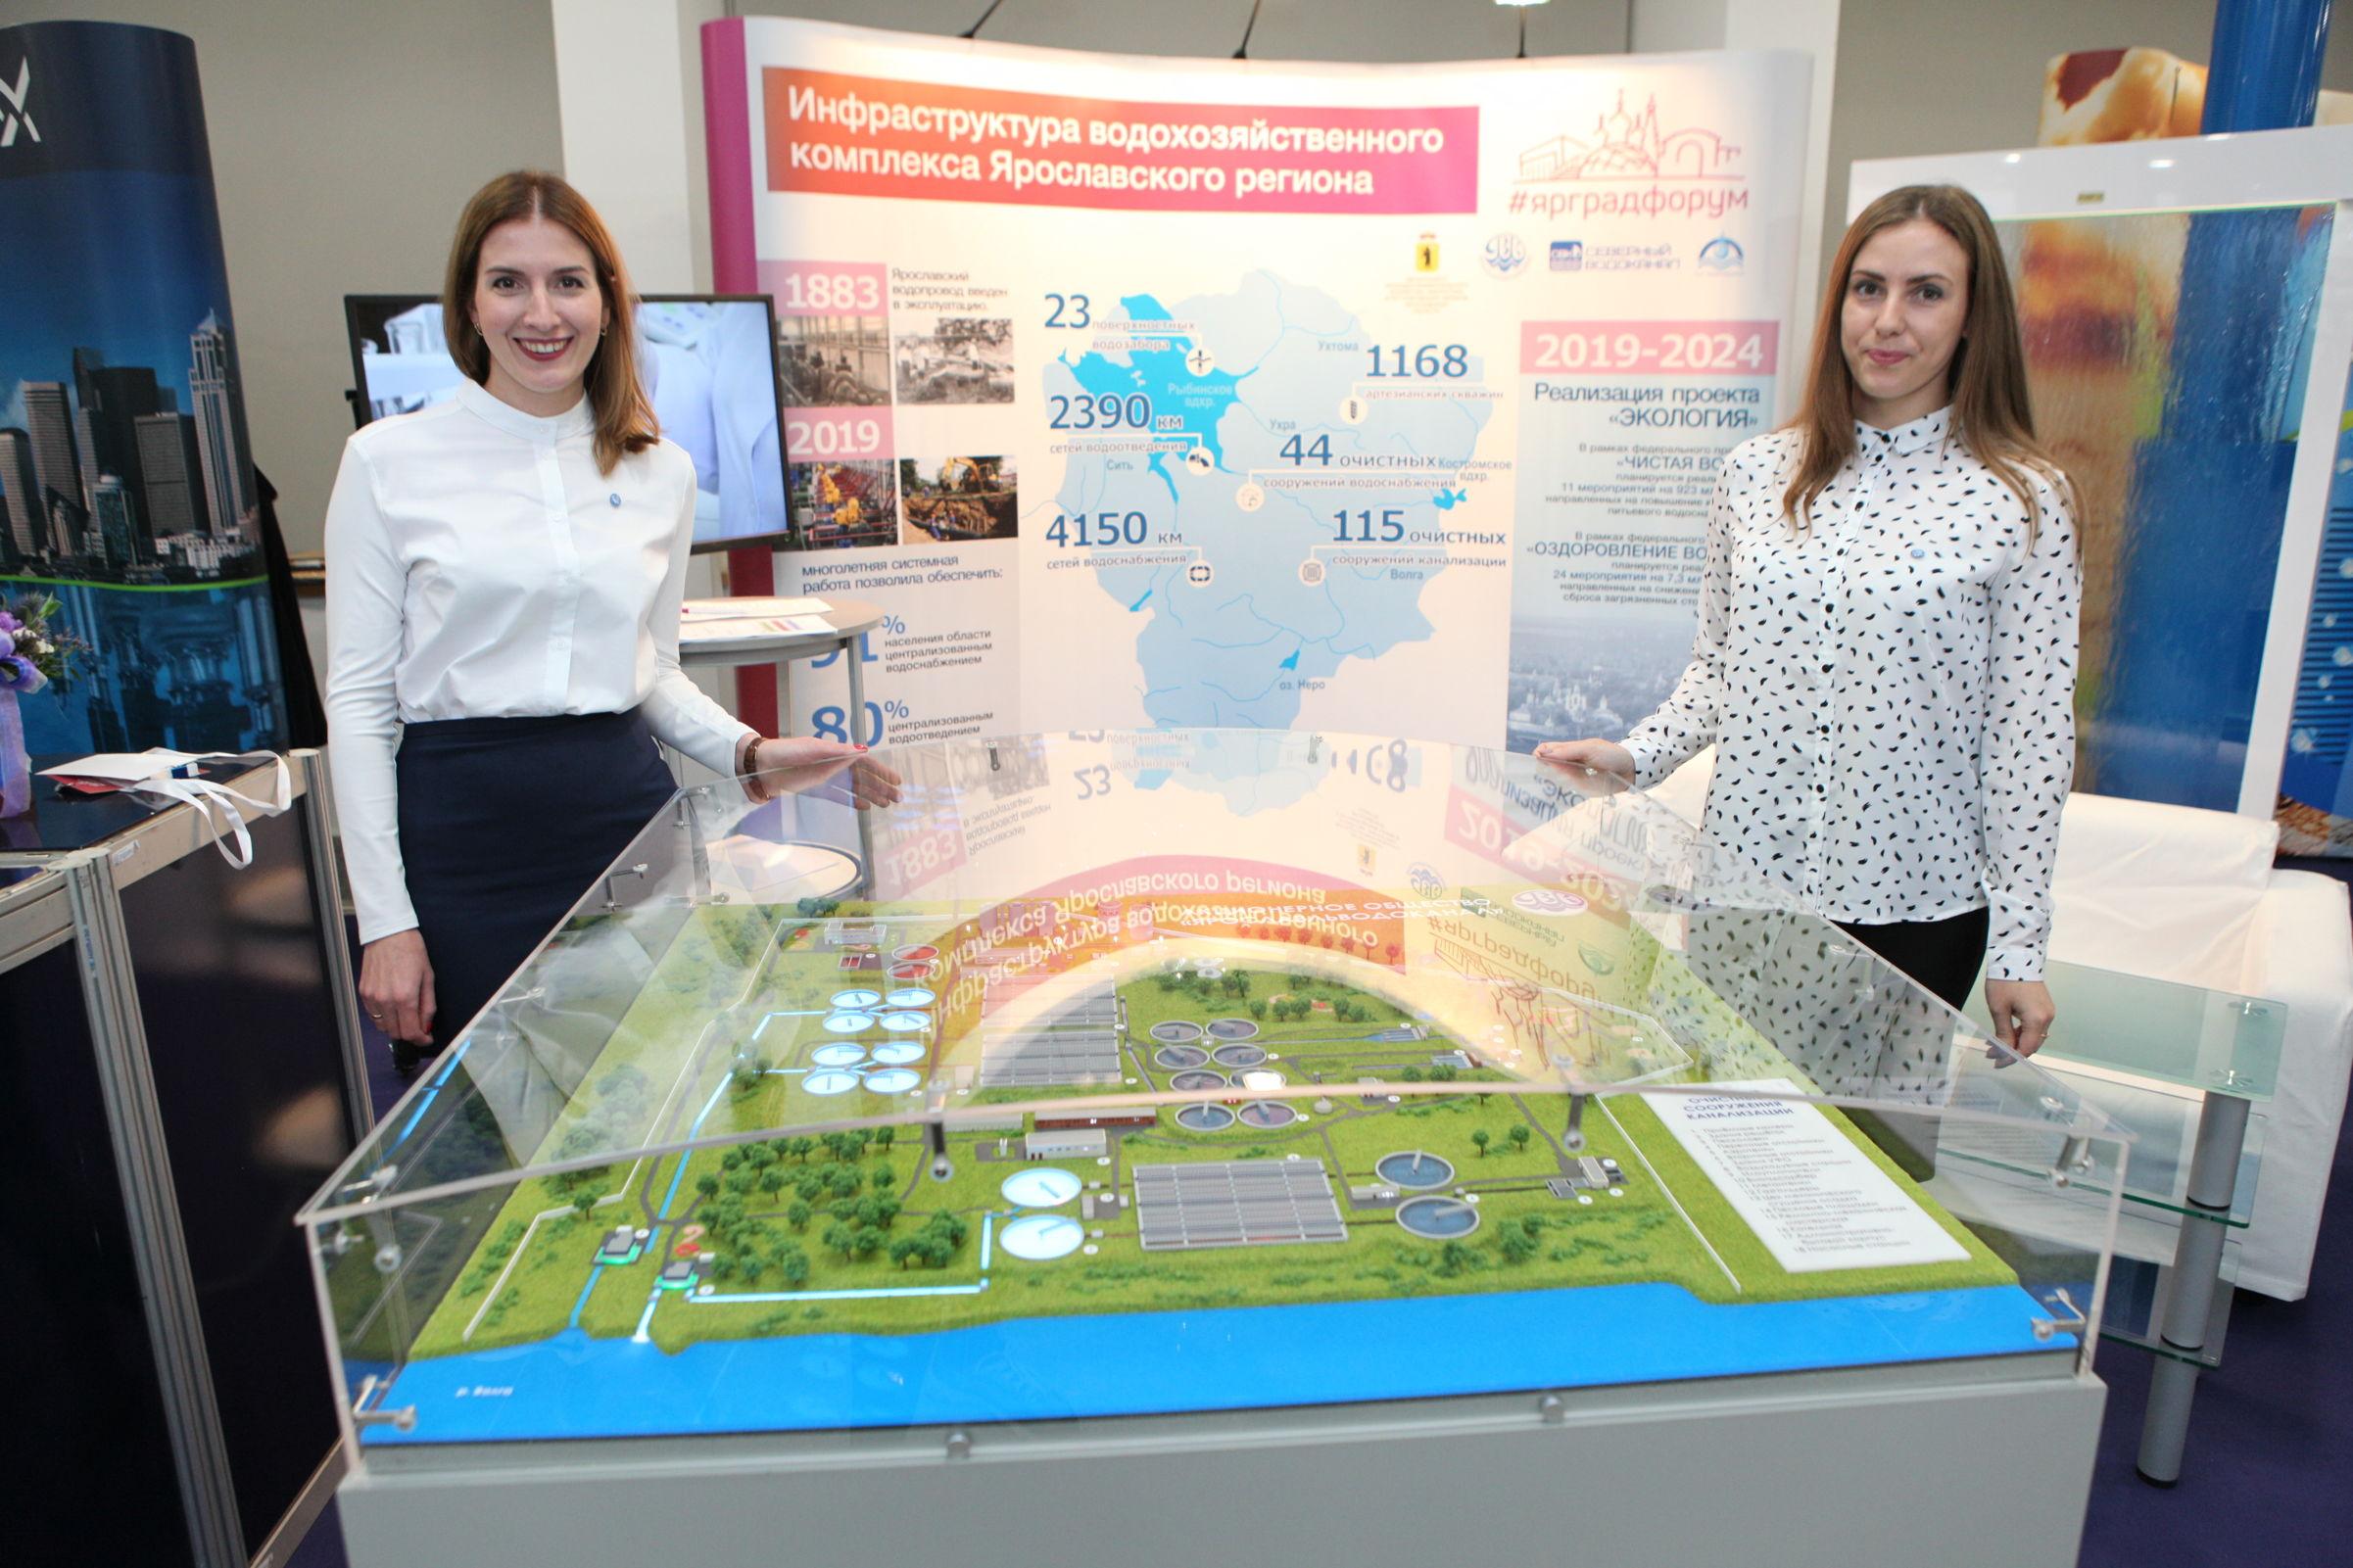 В Ярославле рассказали, что ждет строительную отрасль в ближайшие годы